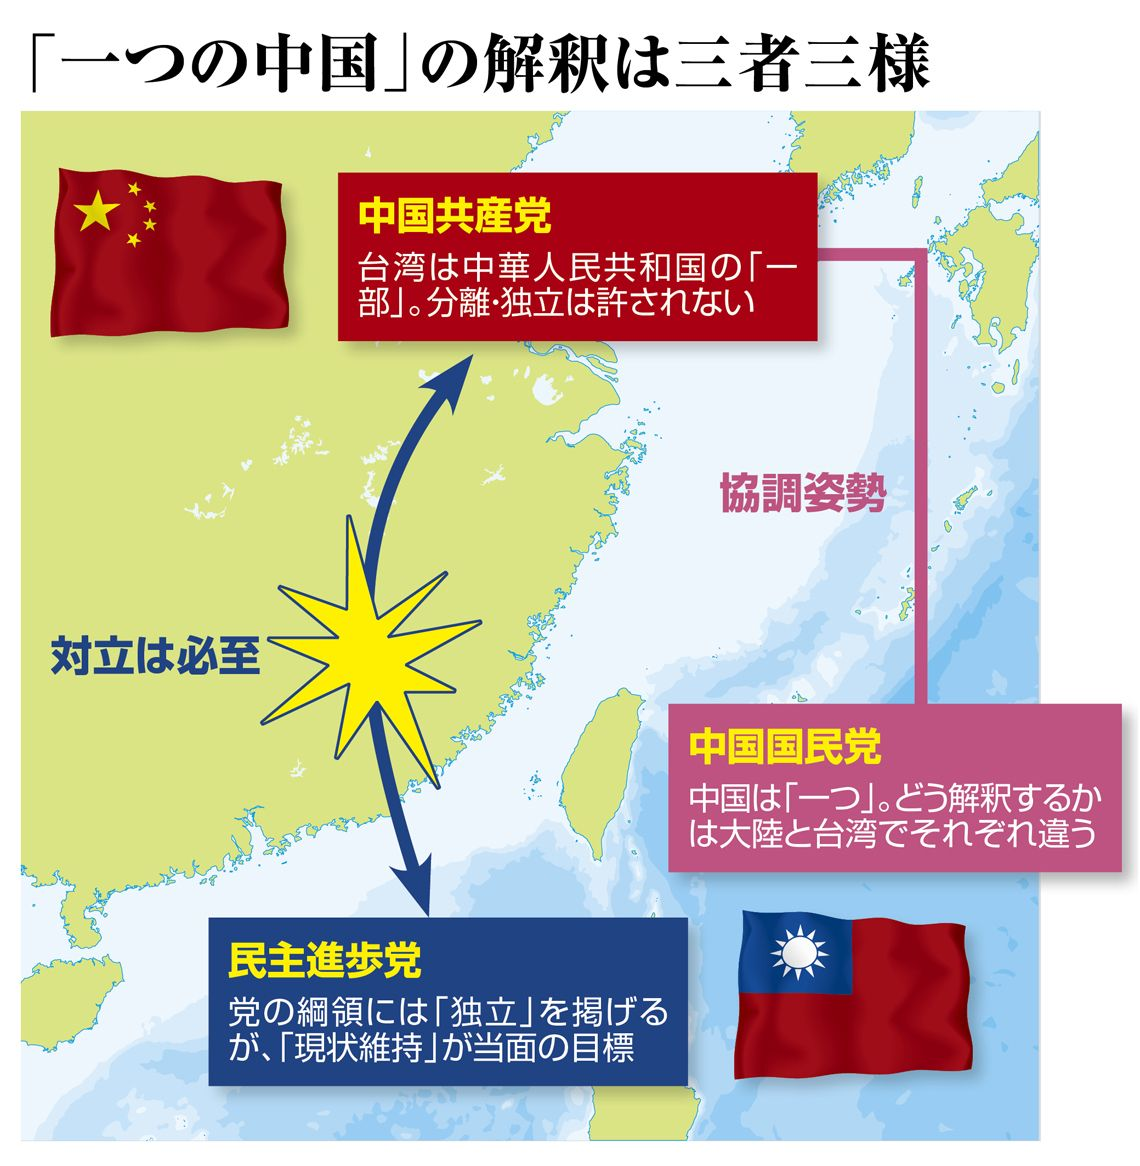 中国 一 つの